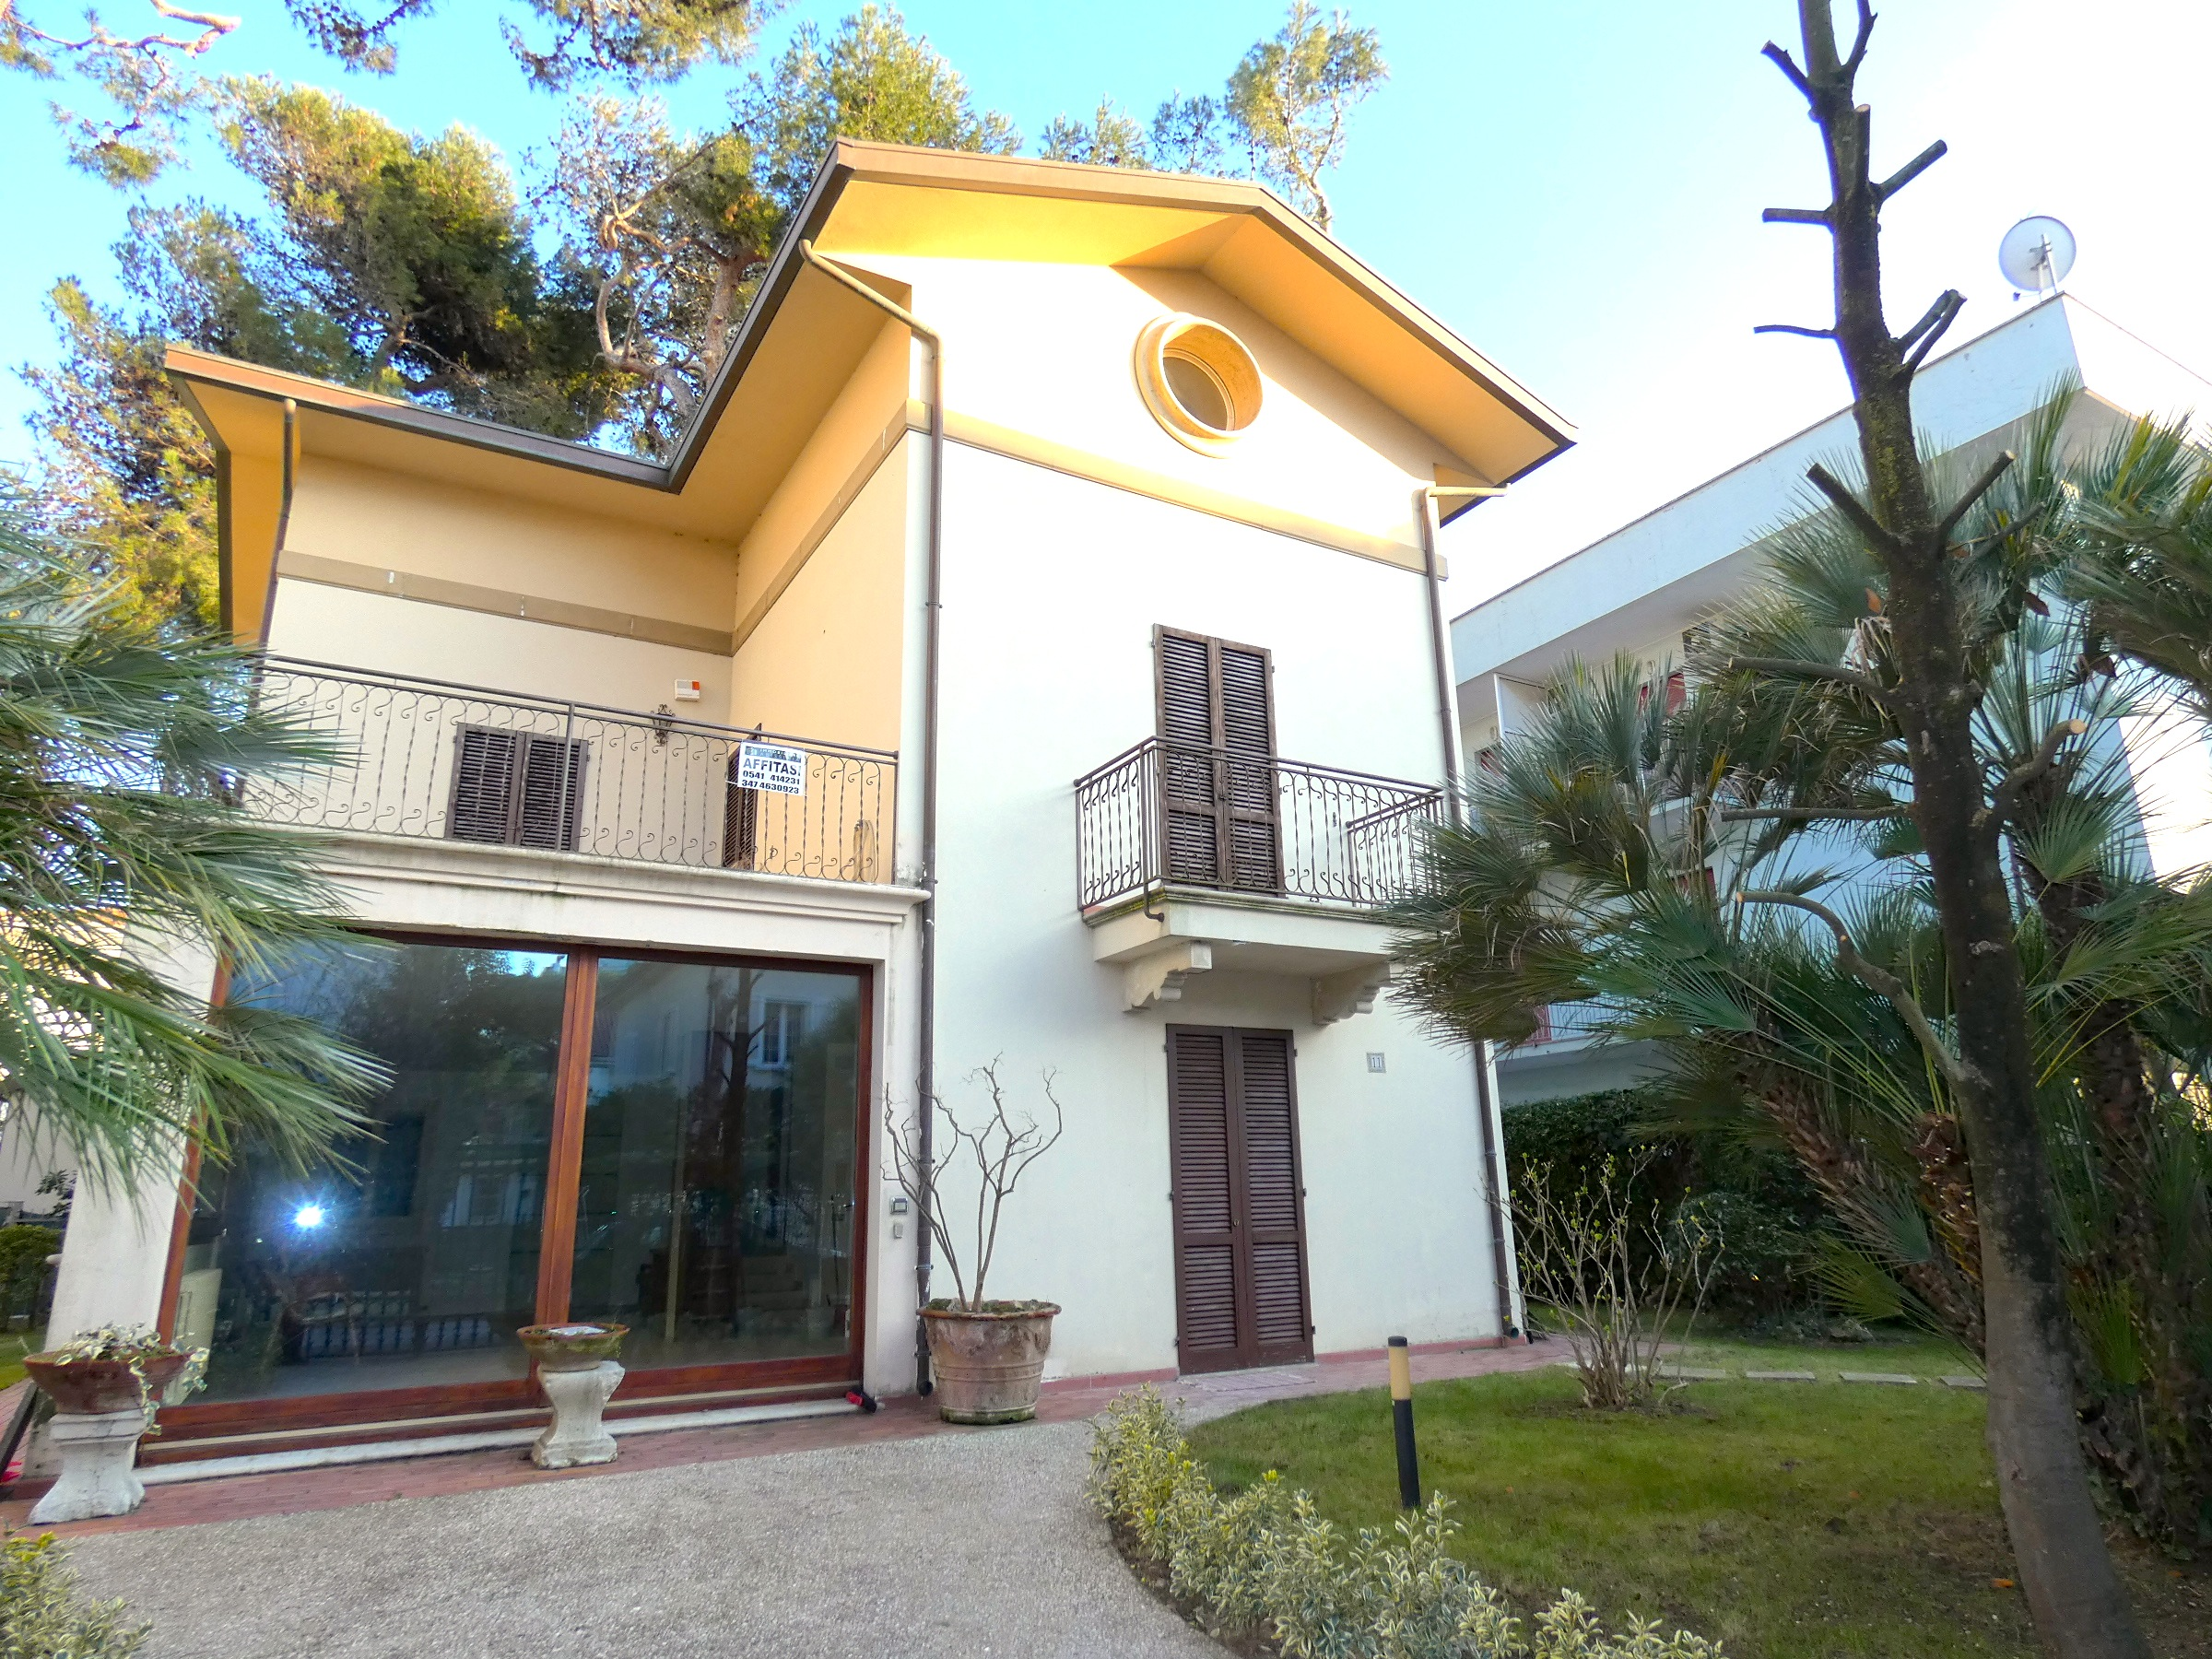 RICCIONE ABISSINIA, villa in affitto stagionale 50 mt dal mare CON GIARDINO